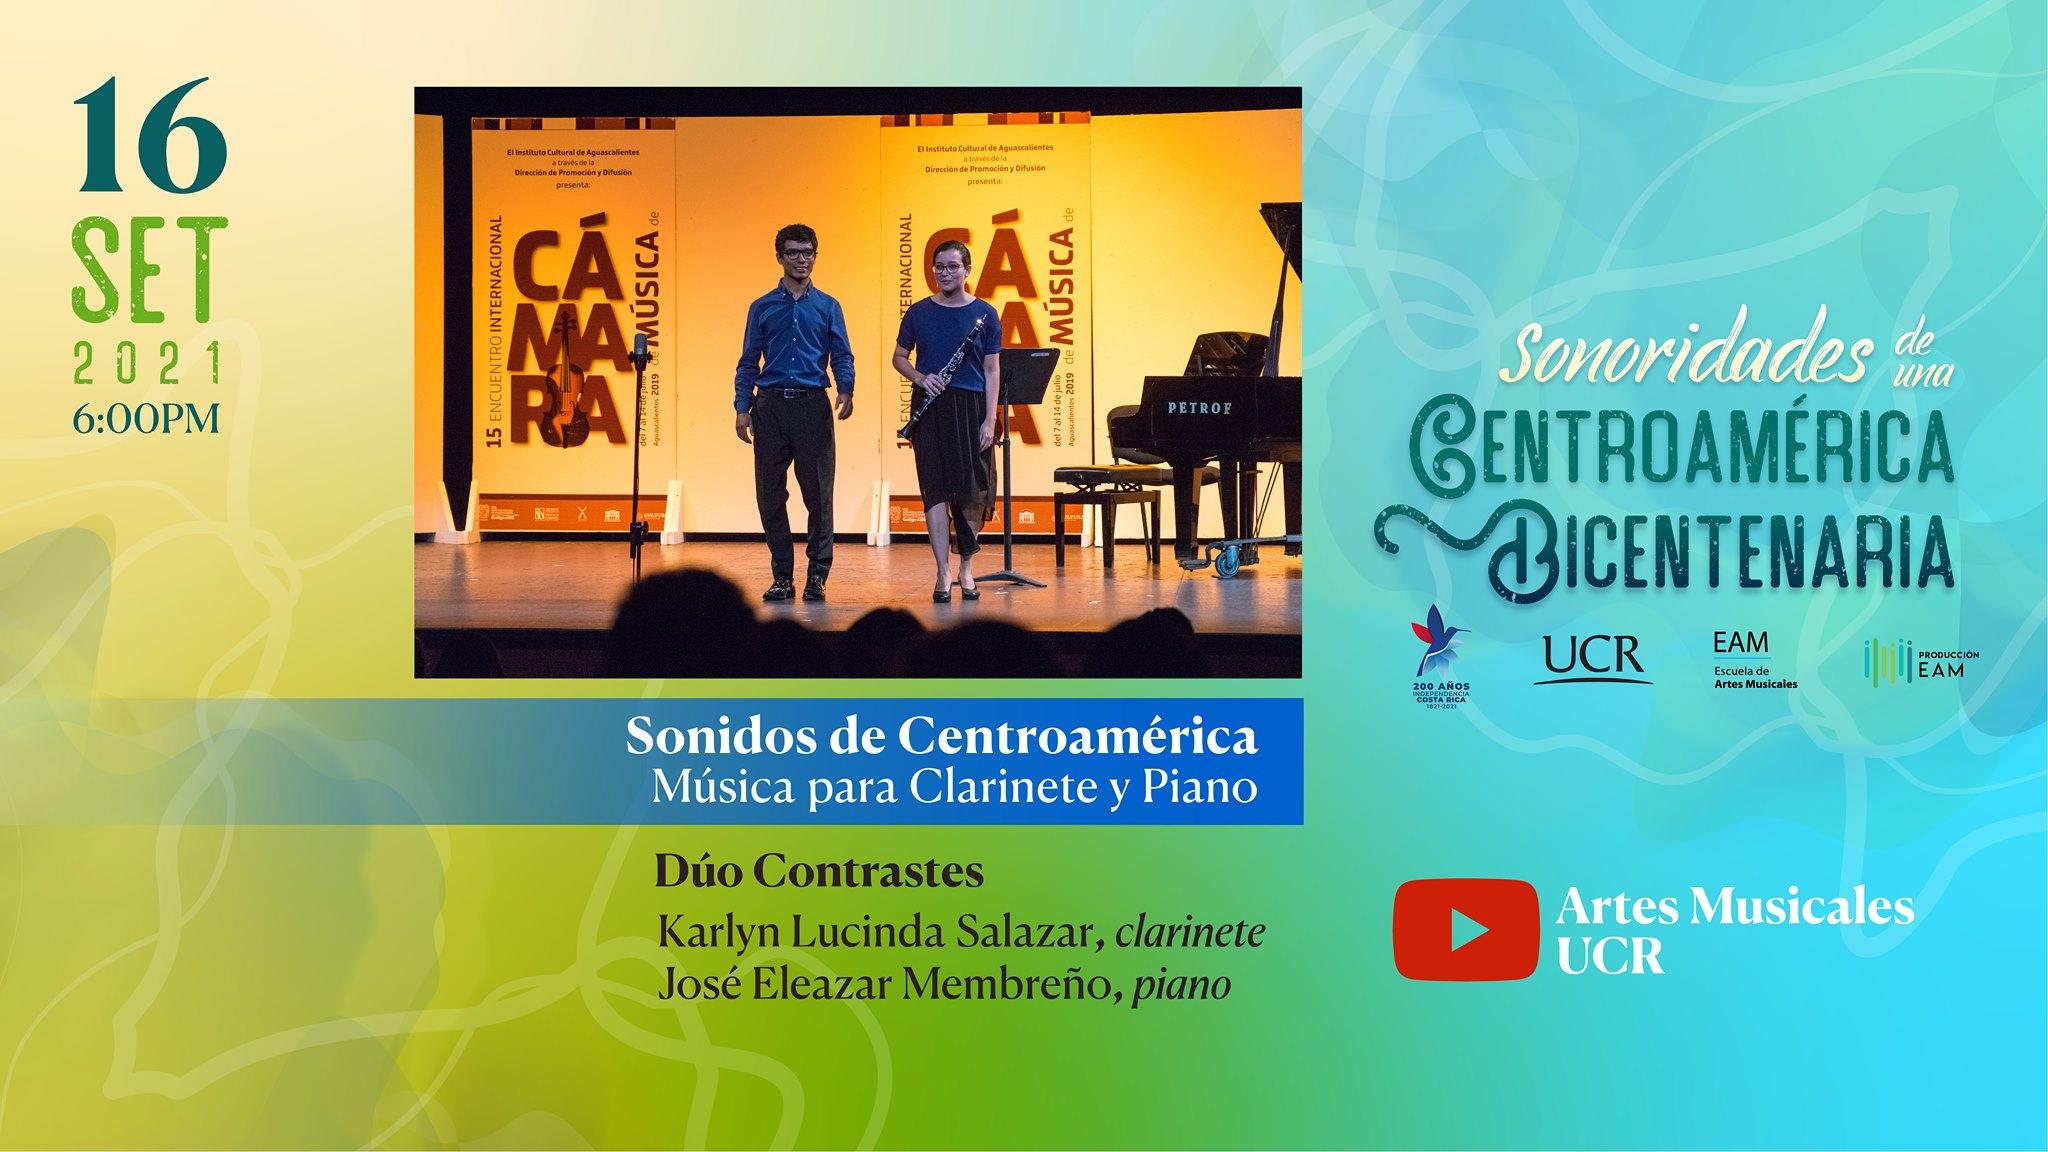 Sonidos de Centroamérica: música para clarinete y piano